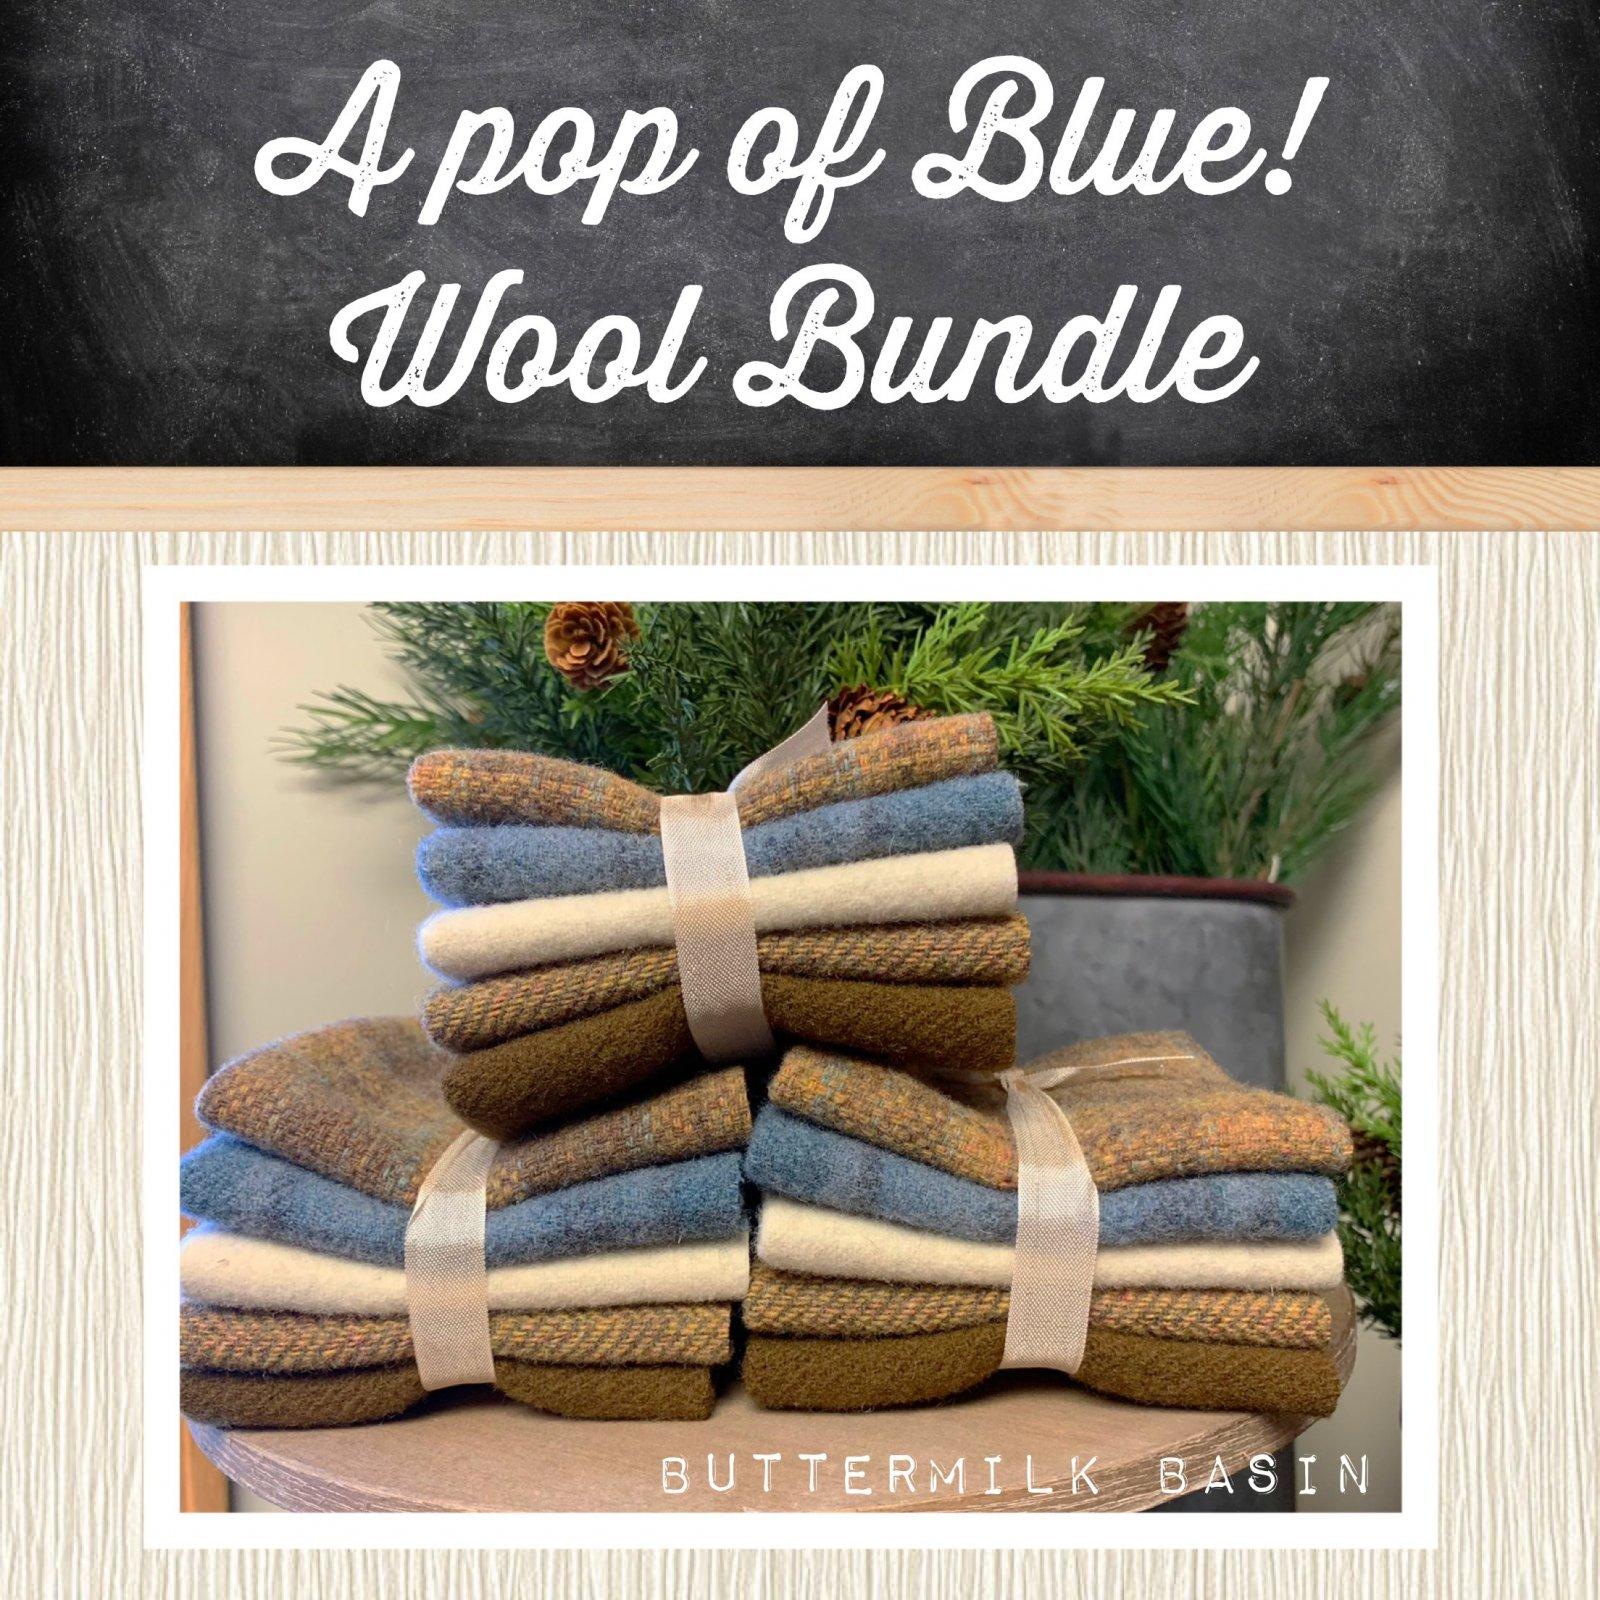 A Pop of Blue! Wool Bundle